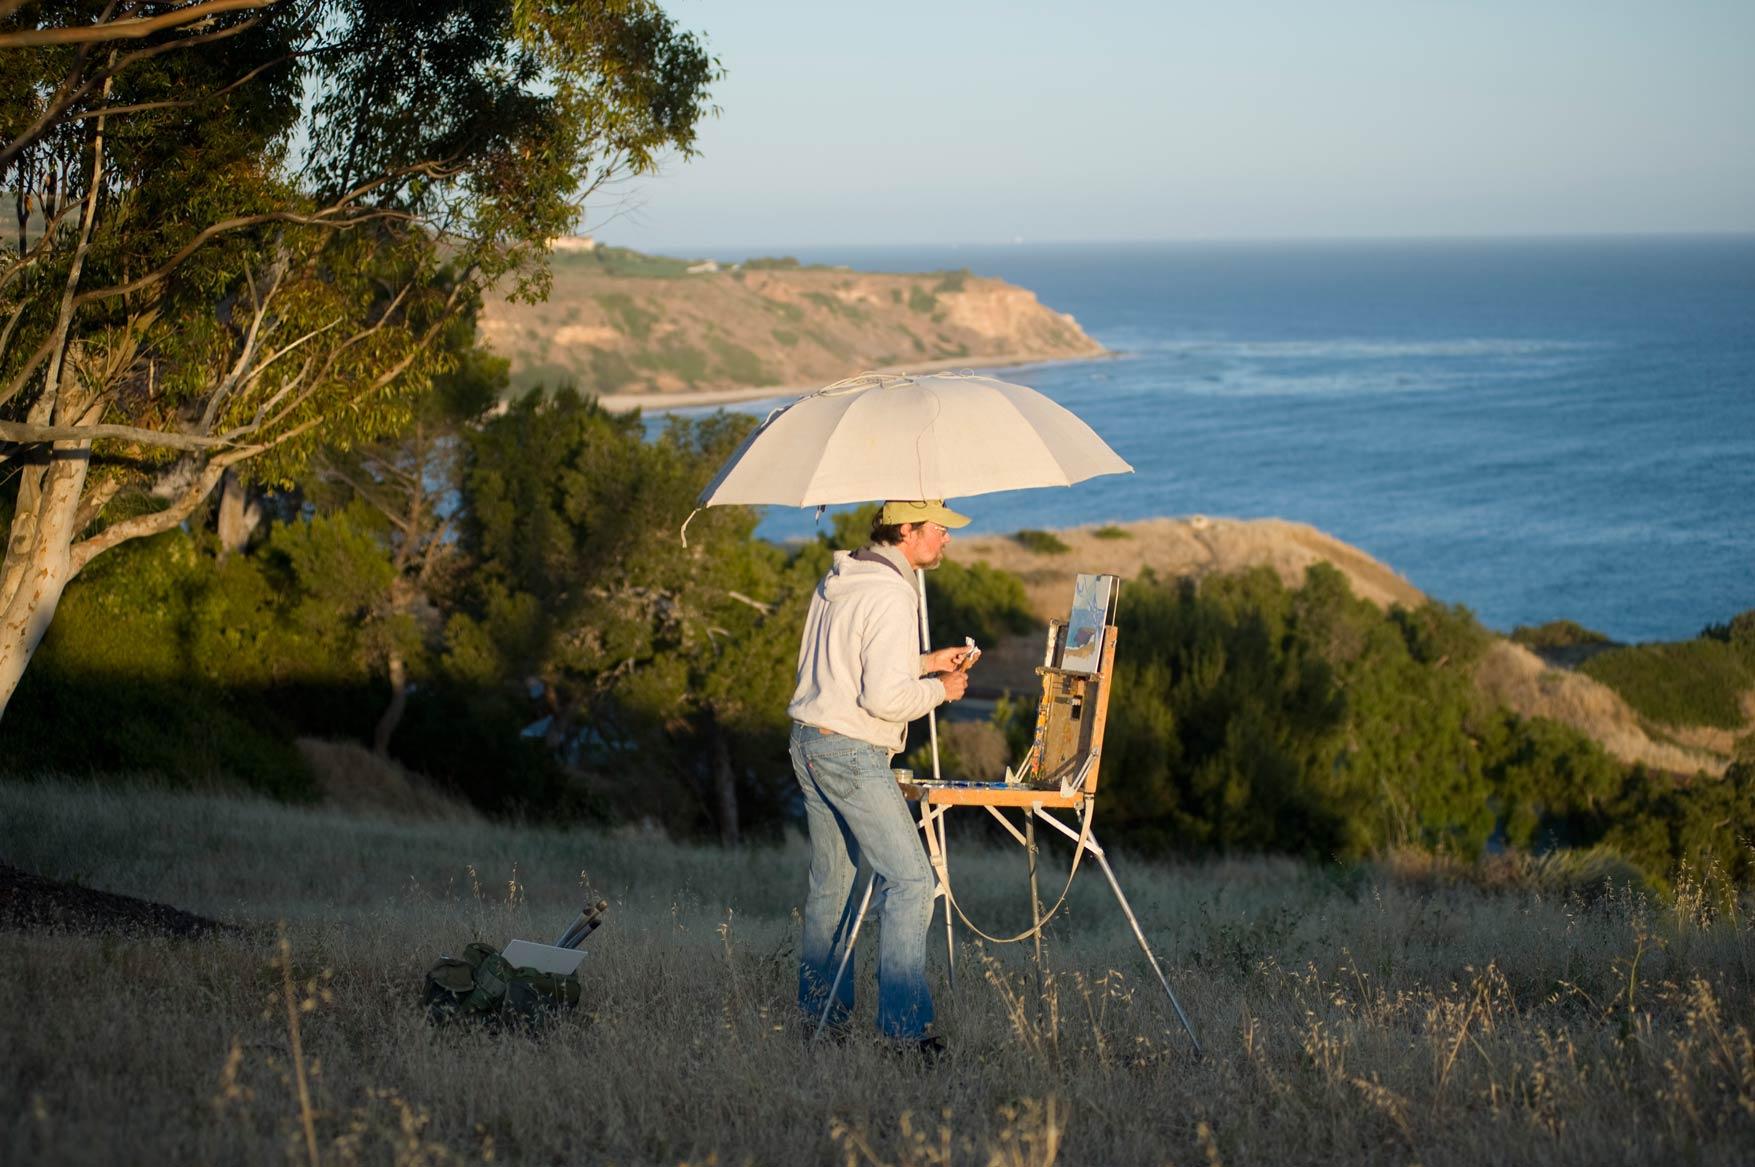 Daniel paints on location